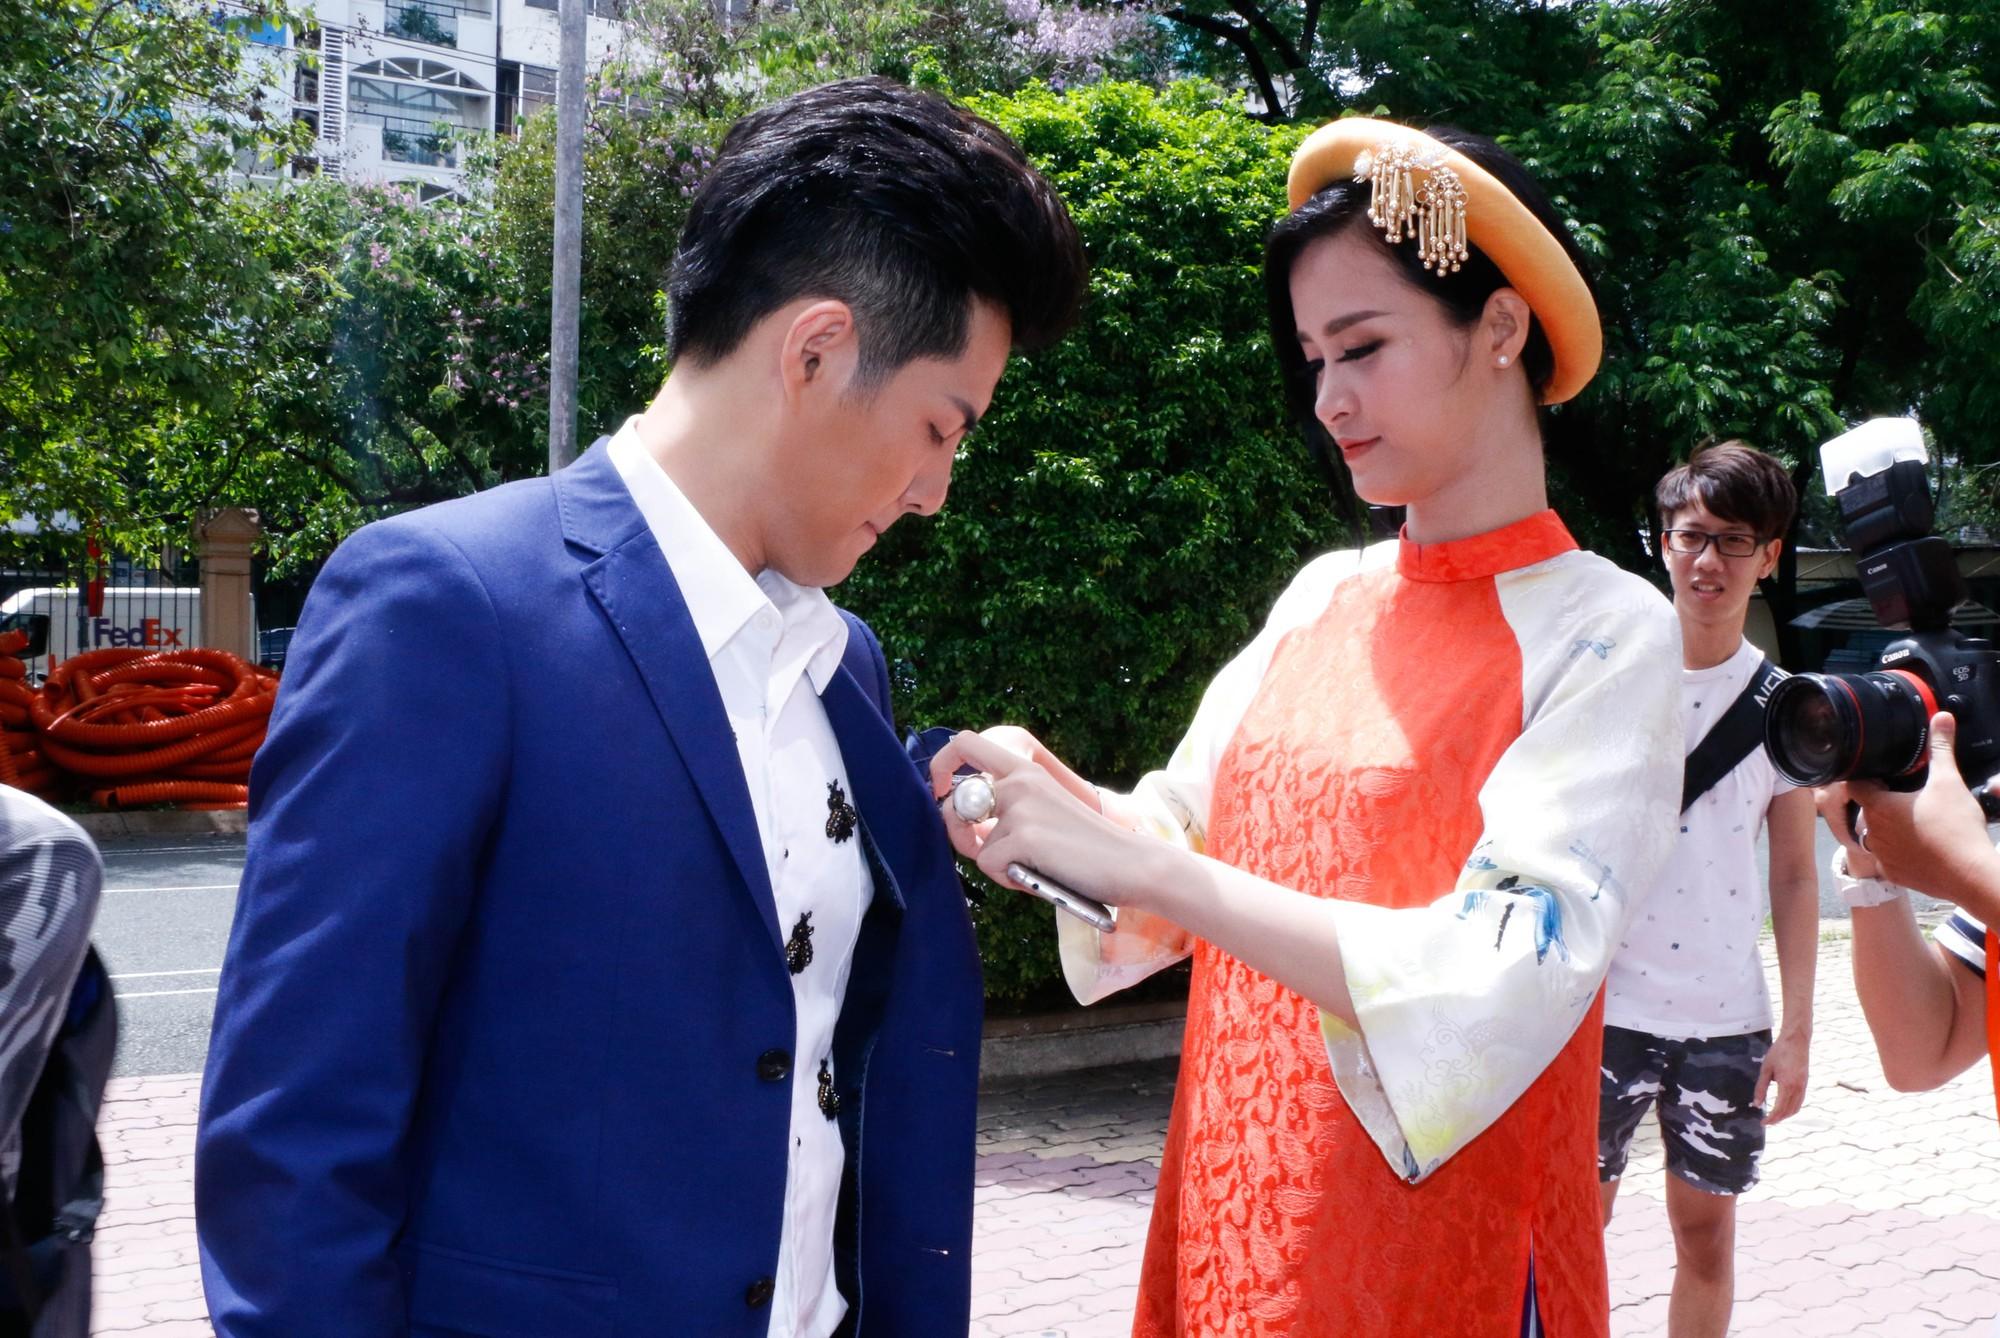 Hành trình 10 năm yêu chốt lại bằng đám cưới của Đông Nhi và Ông Cao Thắng: Cổ tích đời thực đích thị là đây!-5